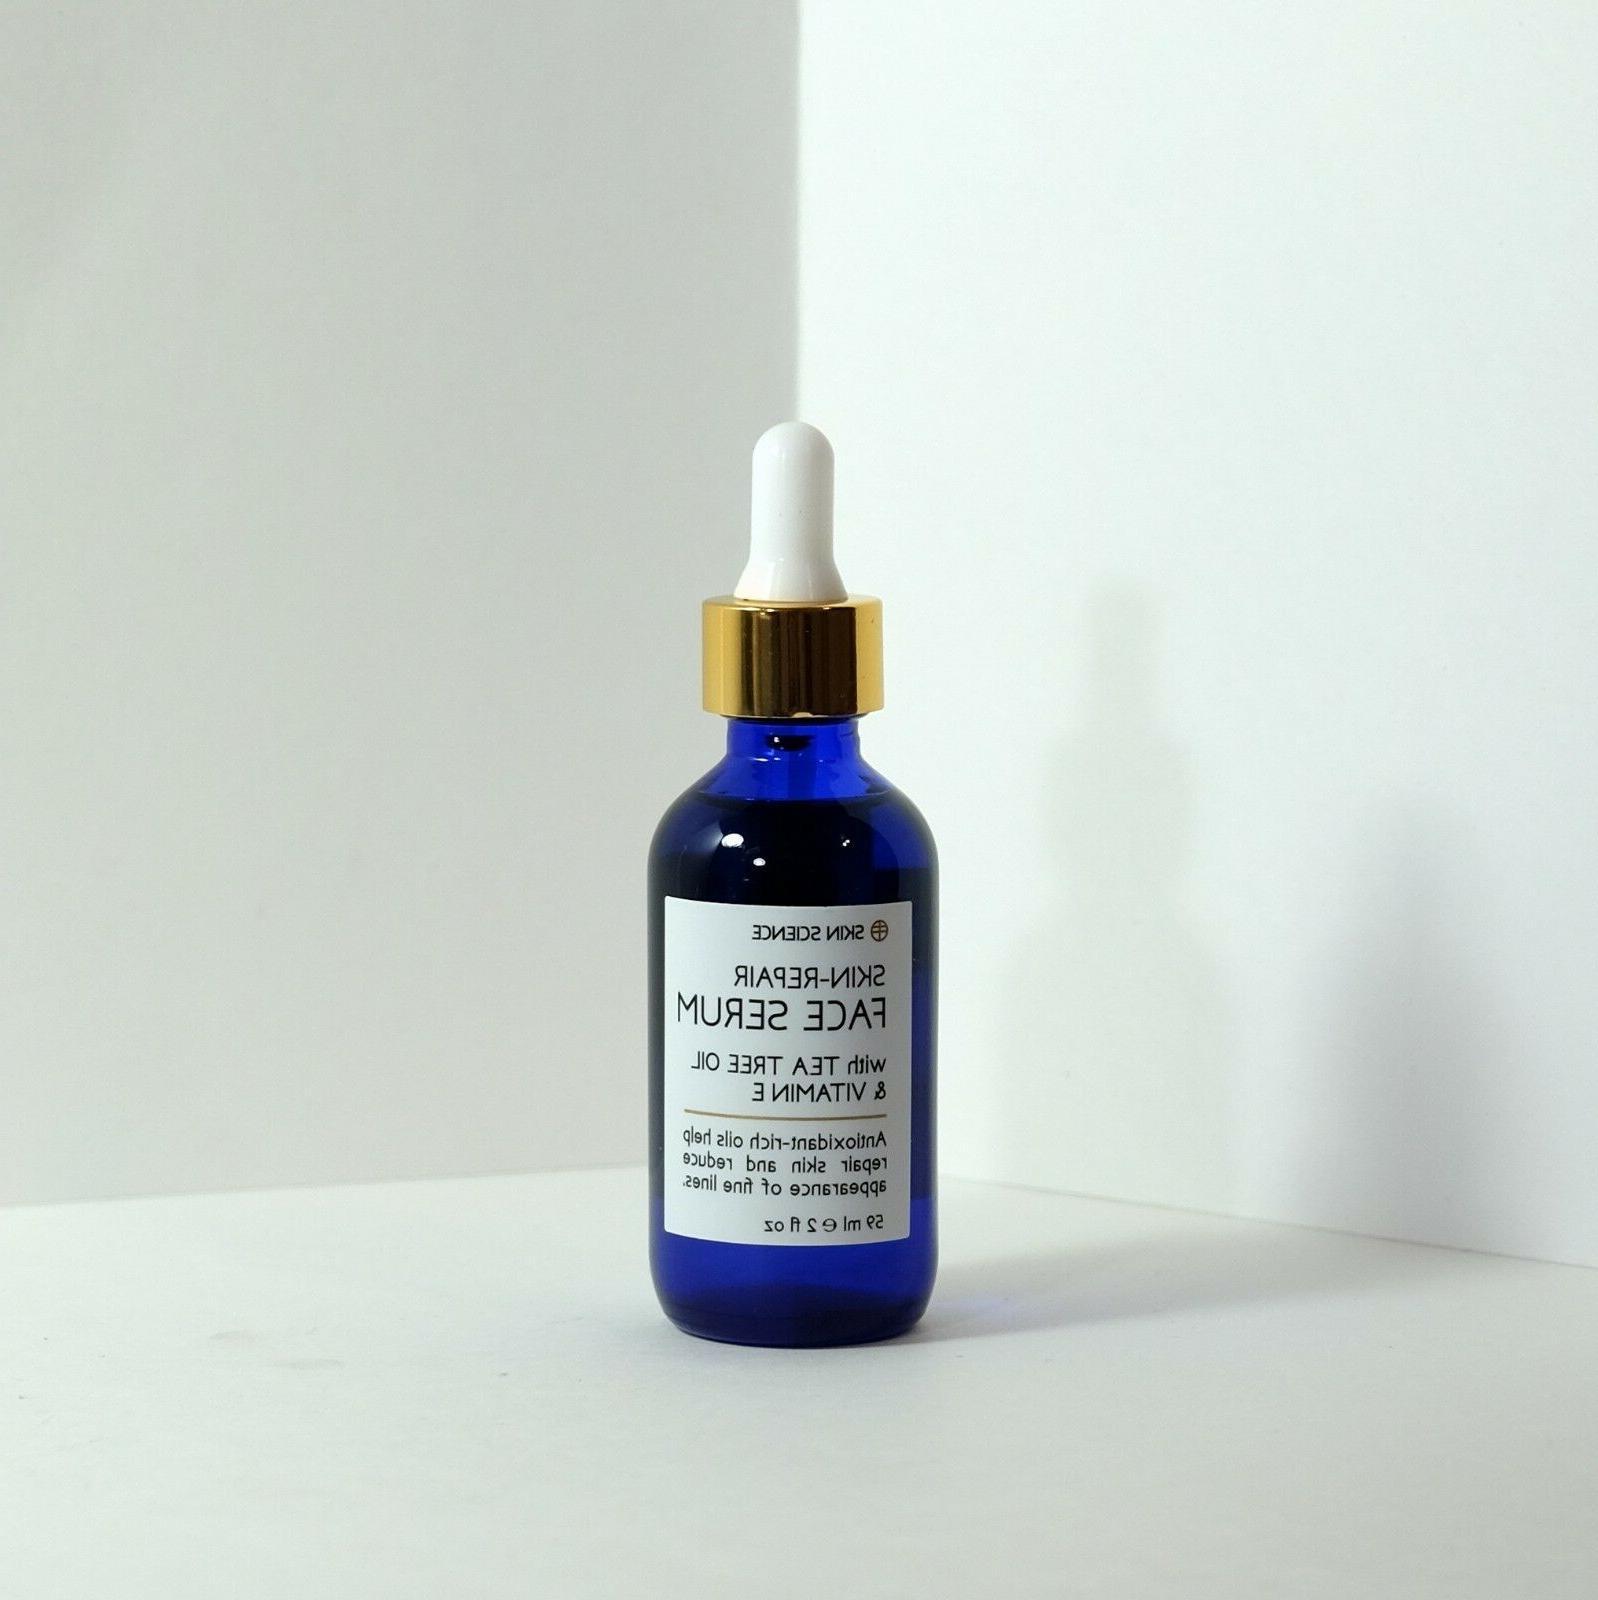 skin repair face serum with tea tree